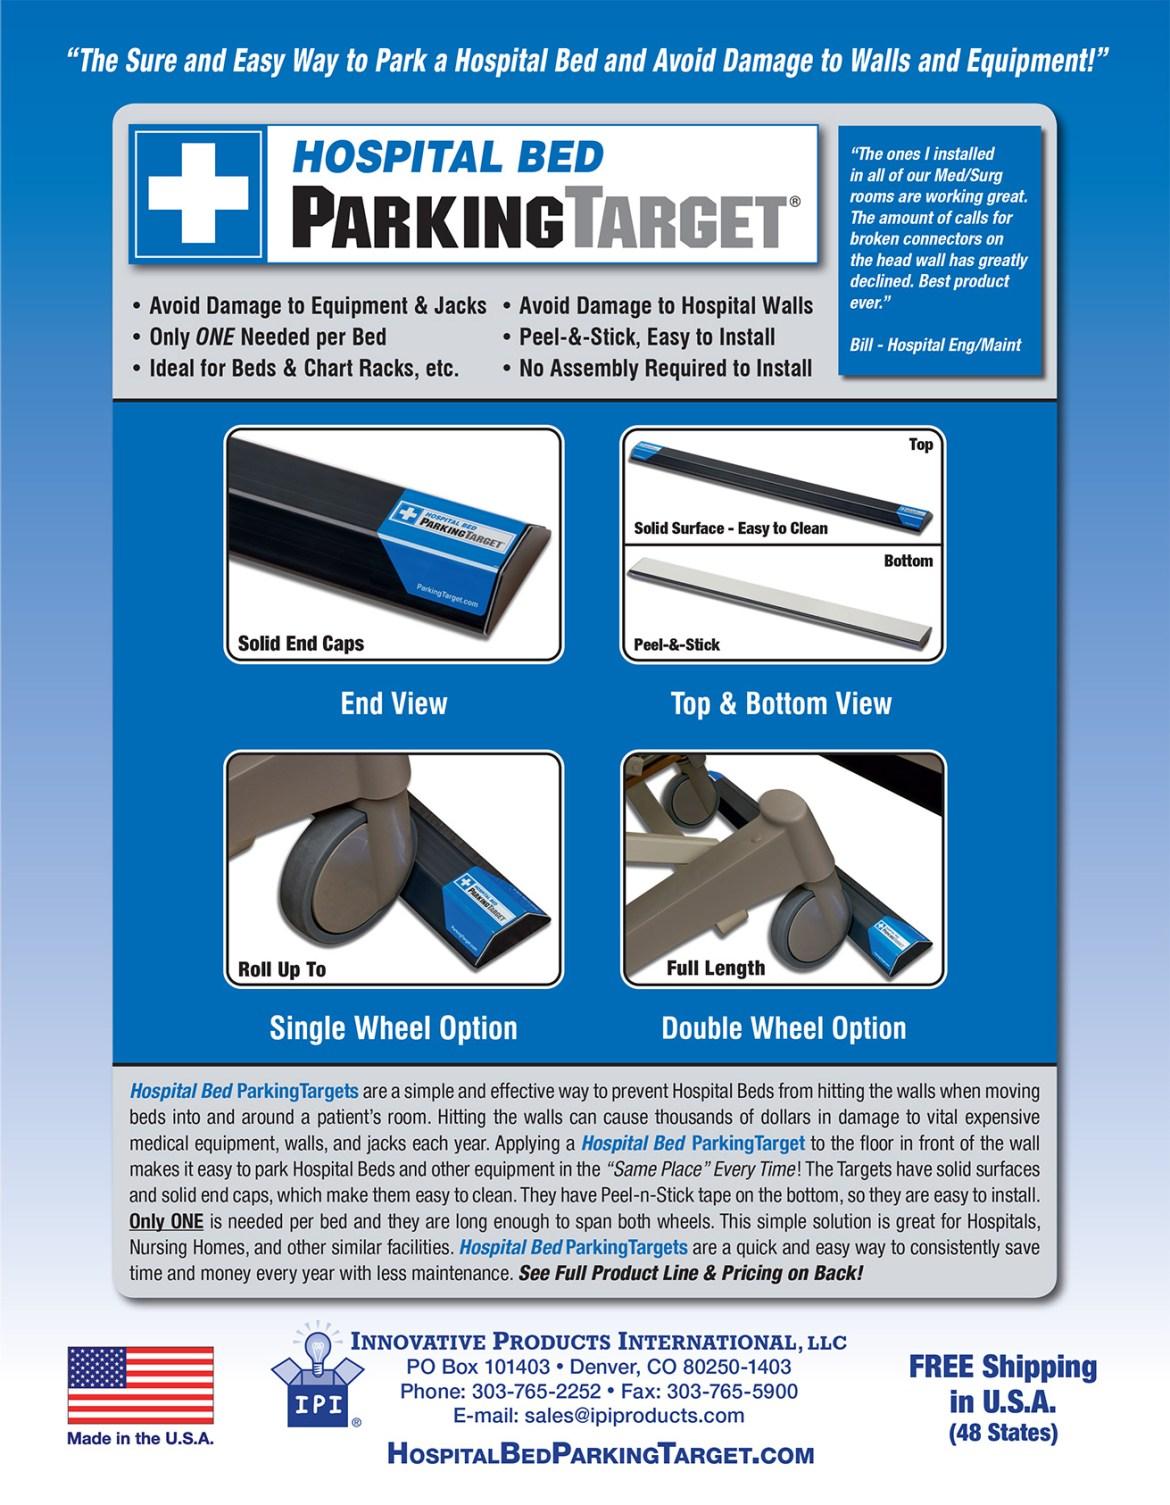 PT-FL_HOB Product Sheet.indd